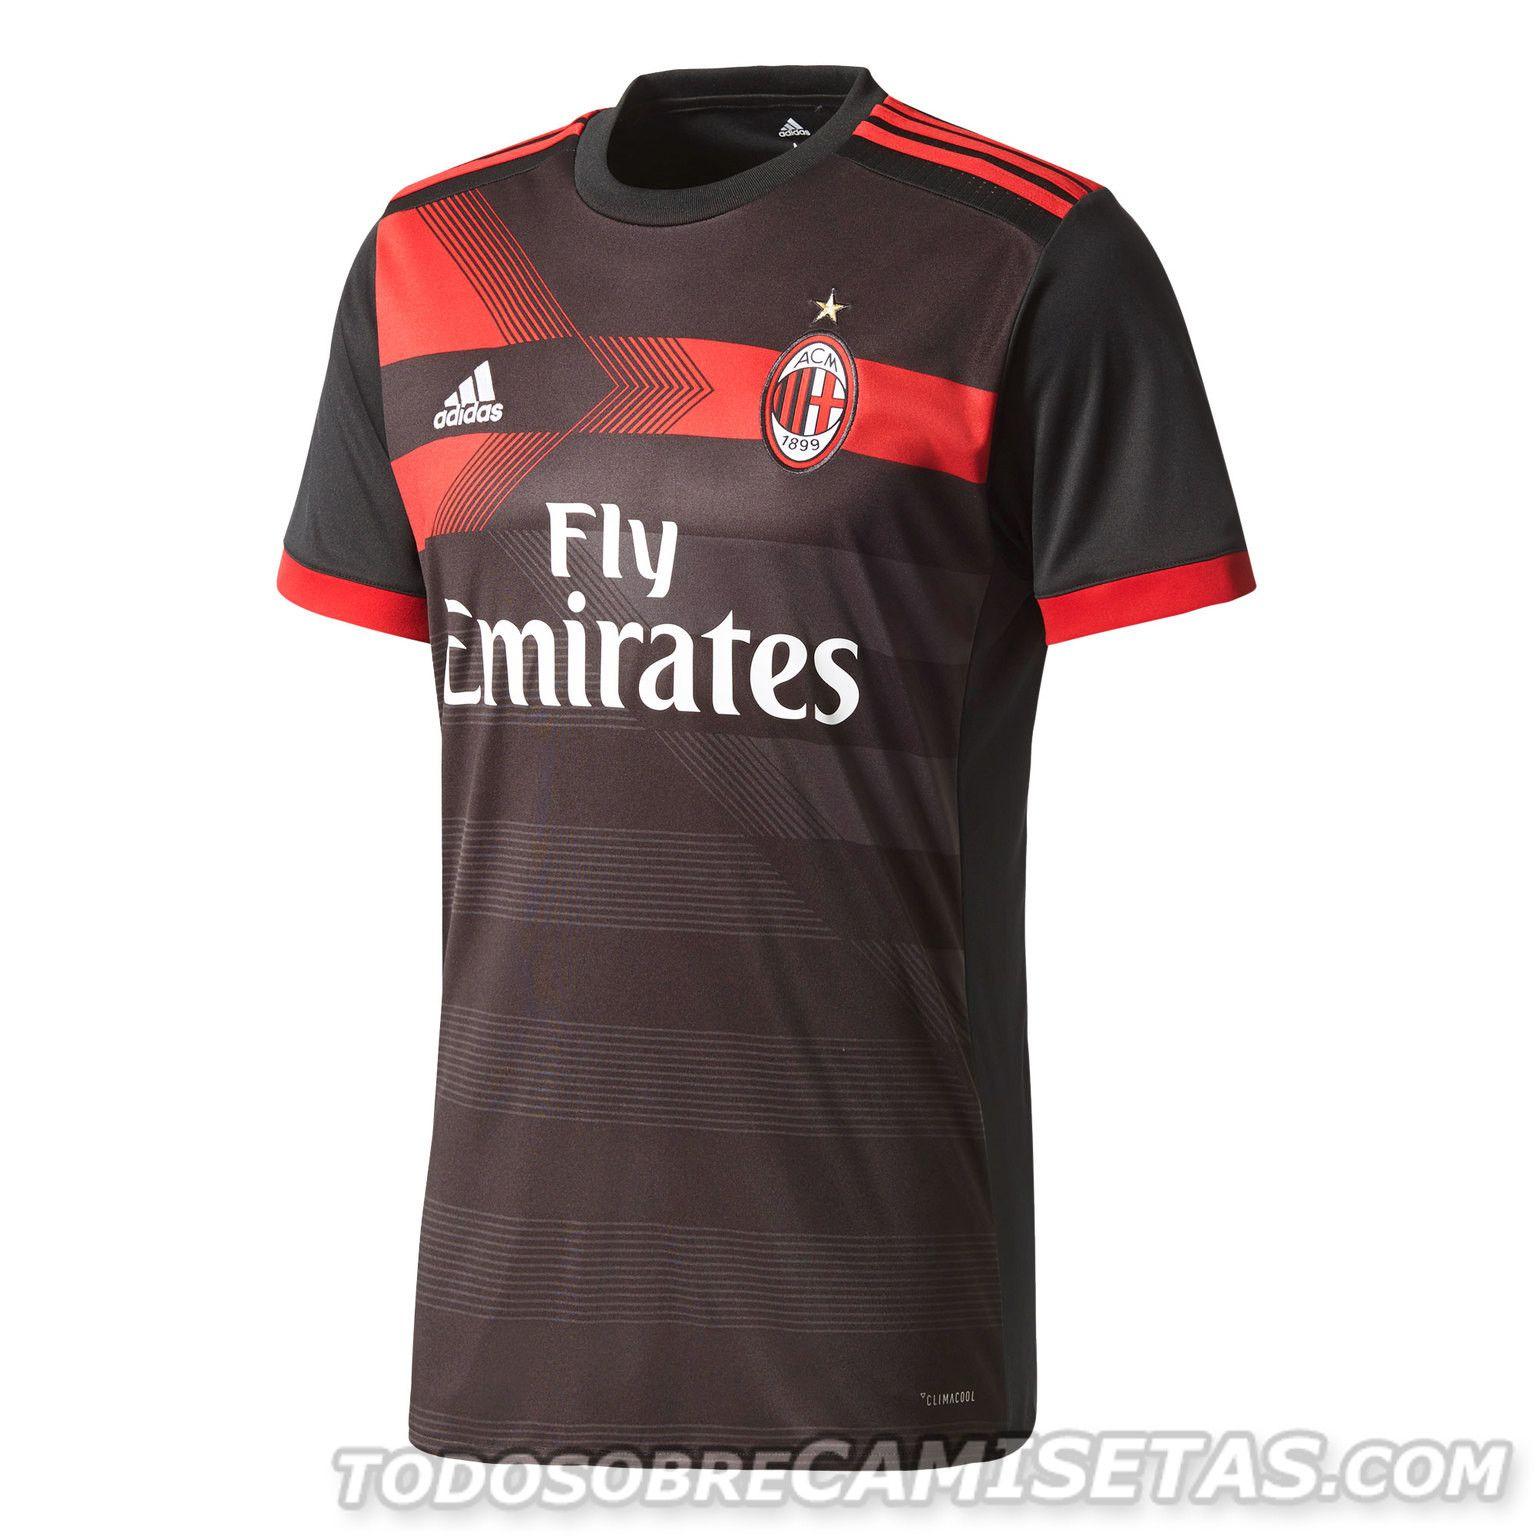 AC Milan 2017-18 adidas third kit  a61844578f6dc